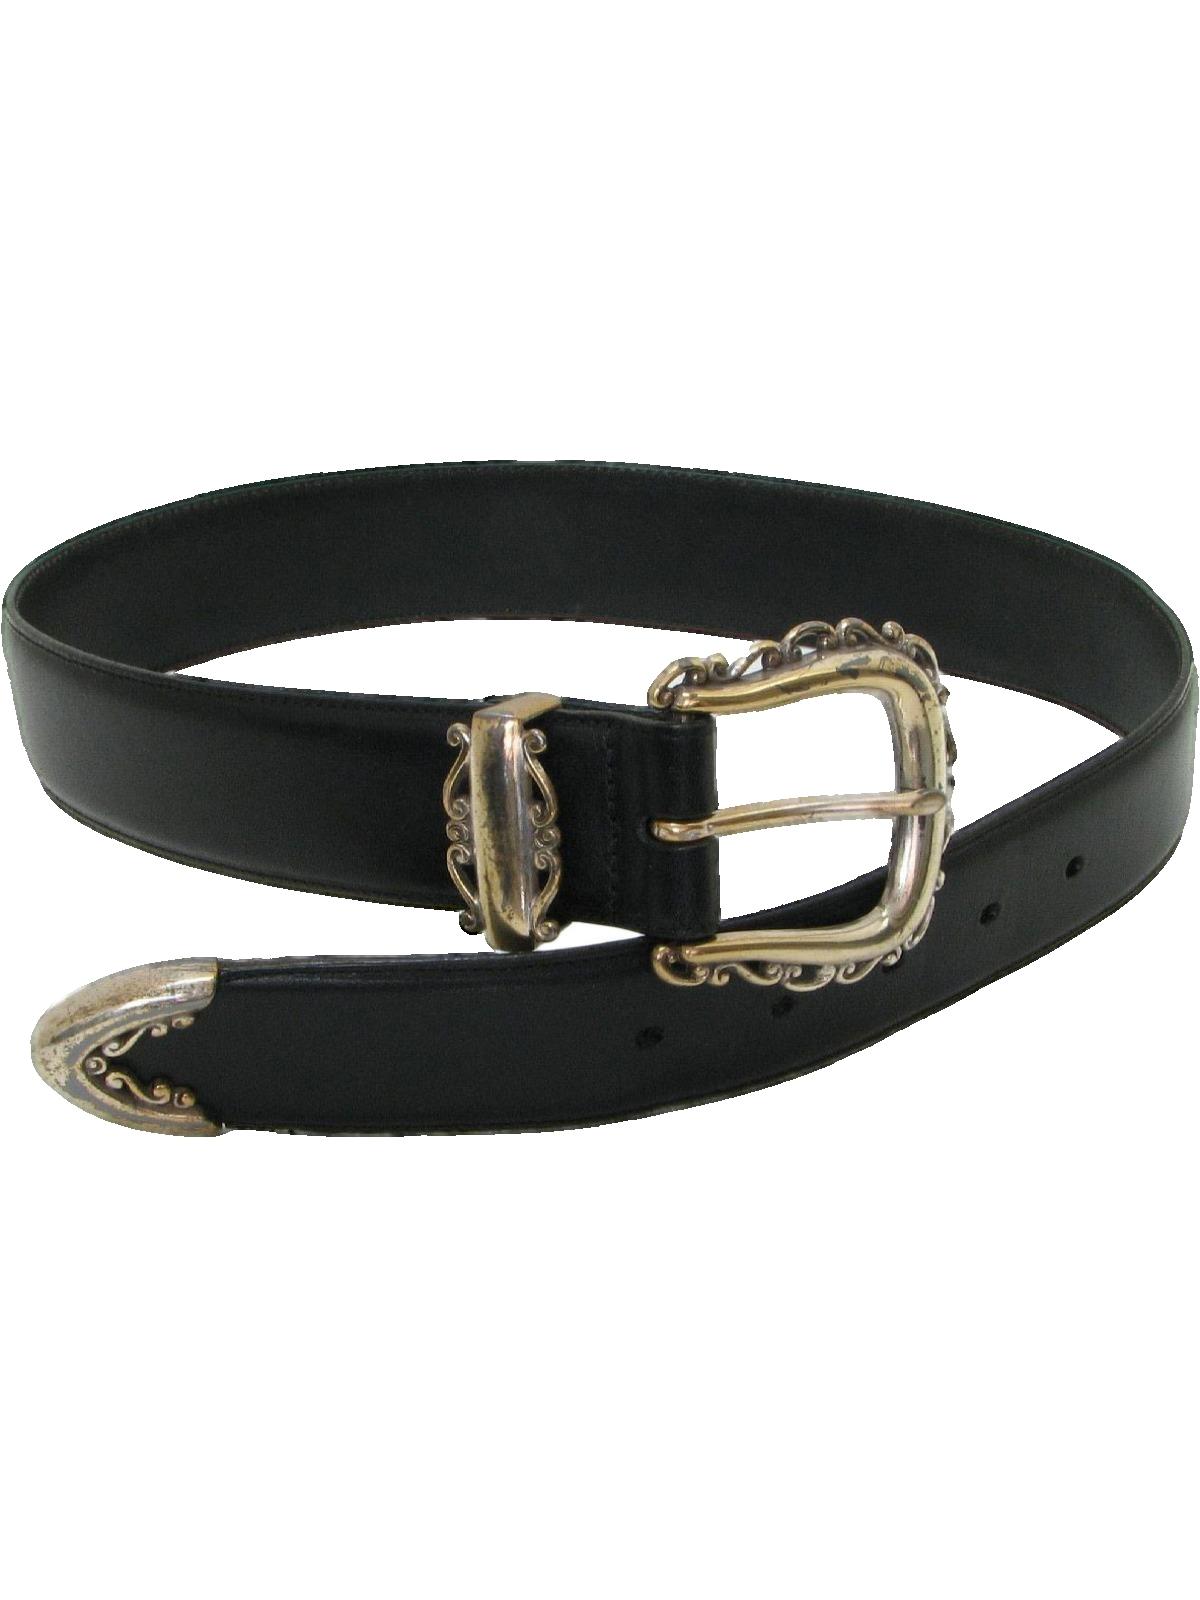 Womens Fashion Belts Wholesale